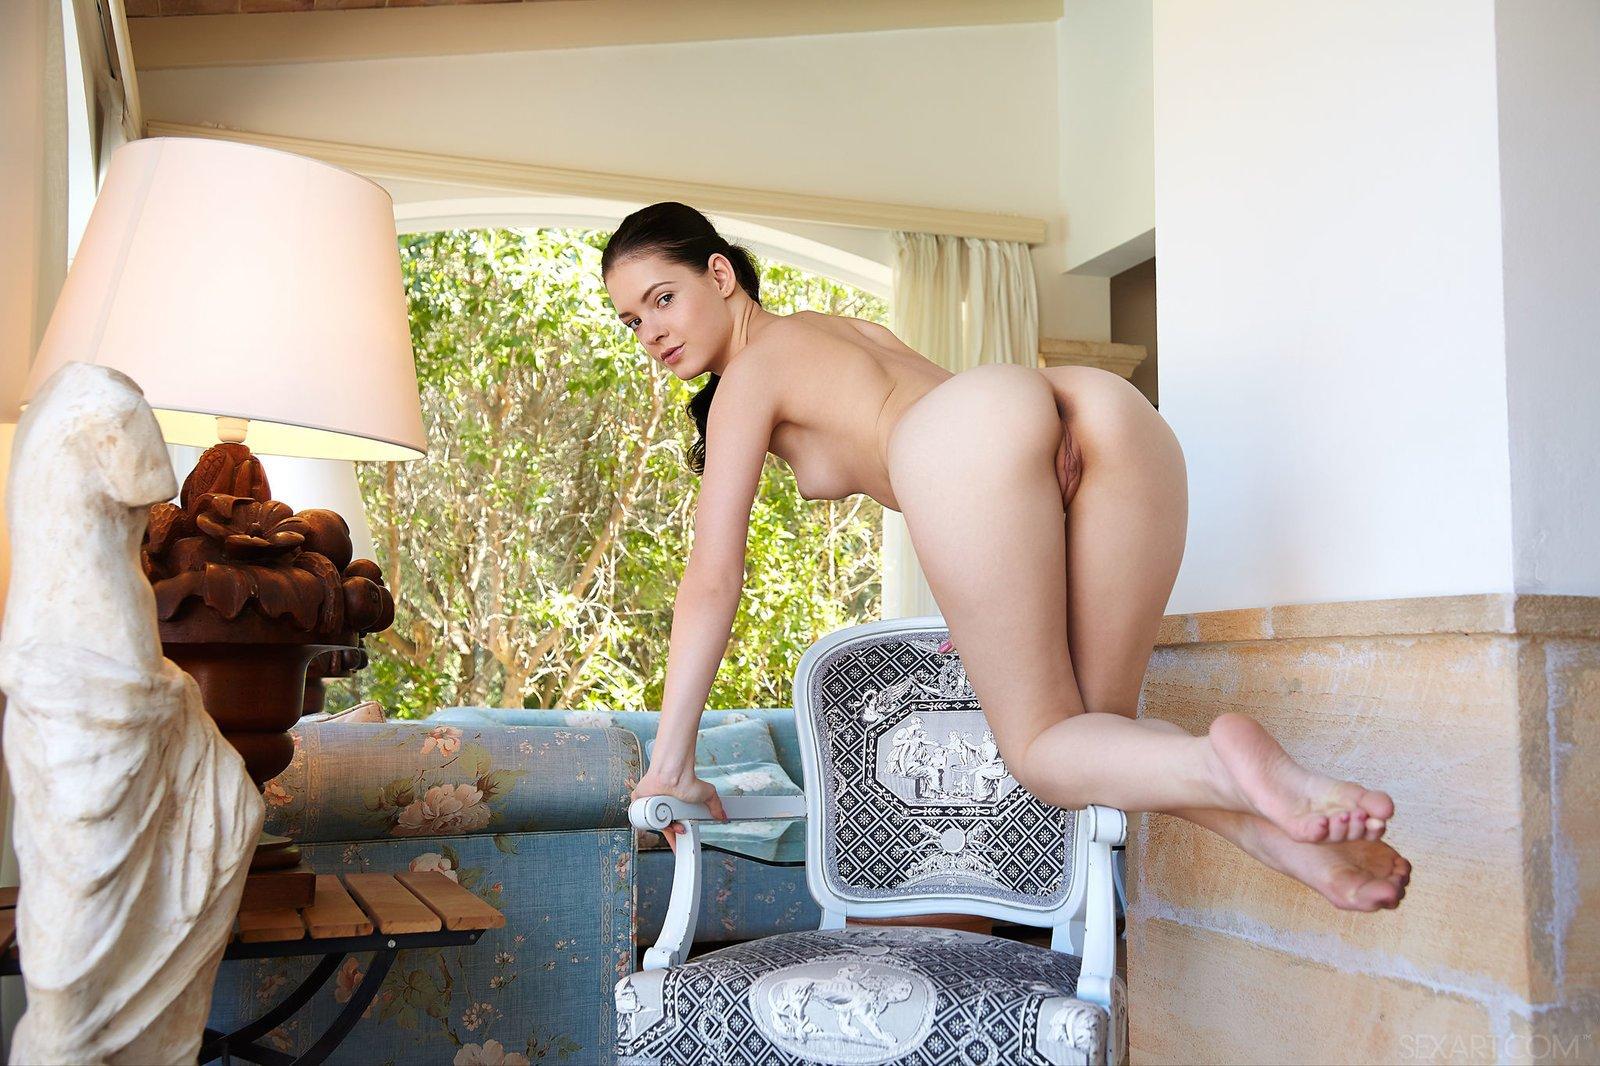 Раздетая красивая девка с эротичной киской на стуле